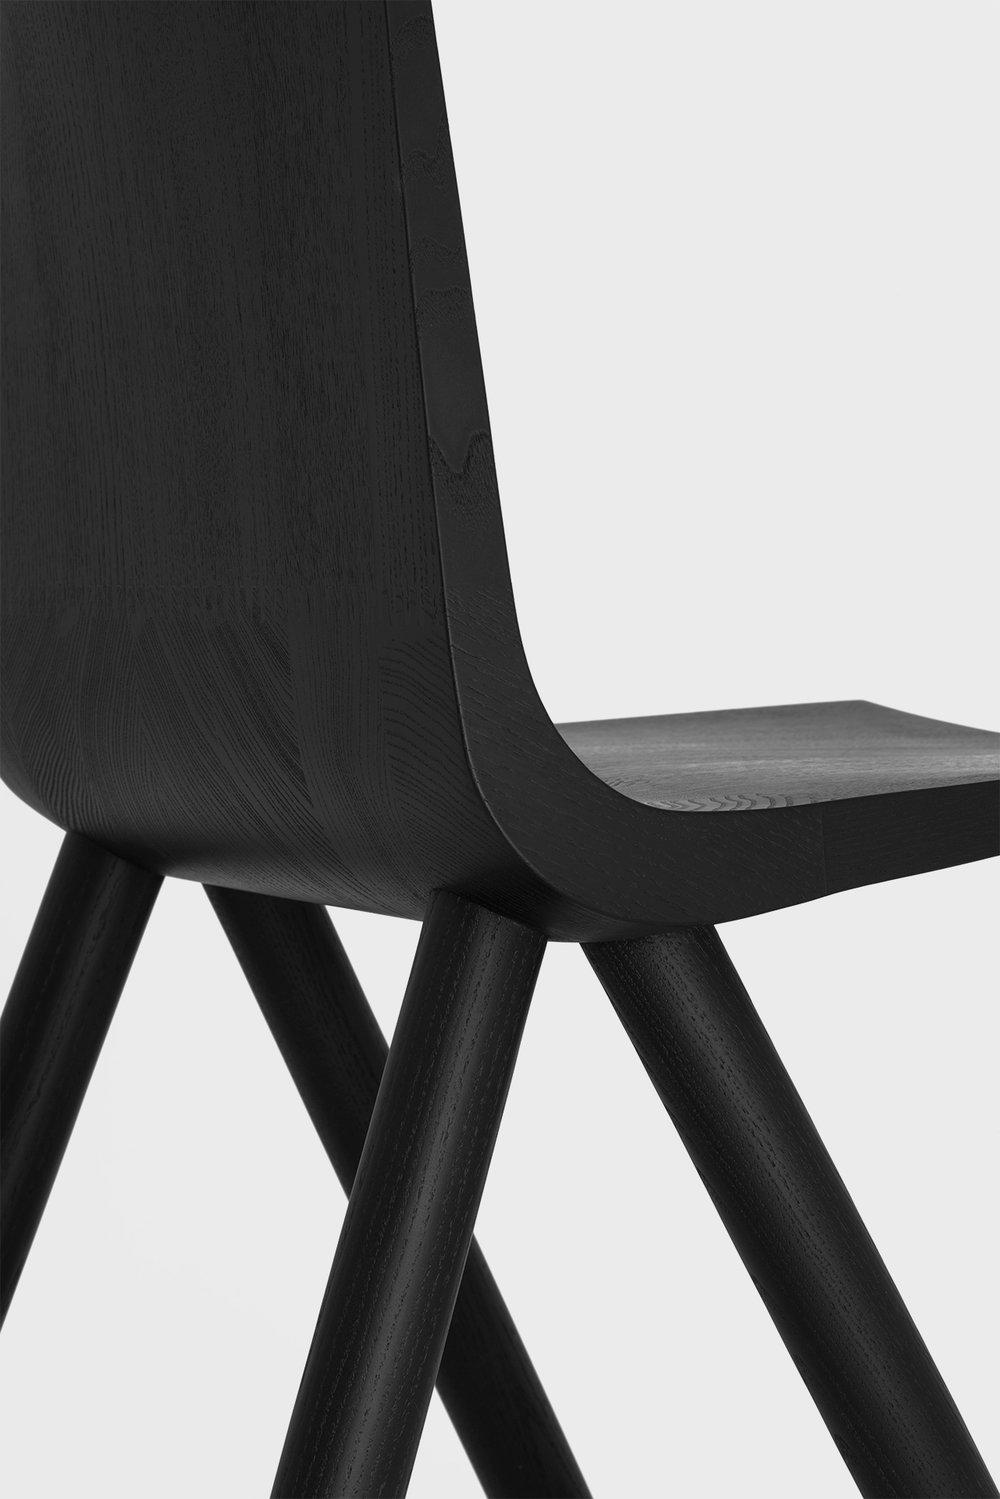 Cresta Chair by Dadadum